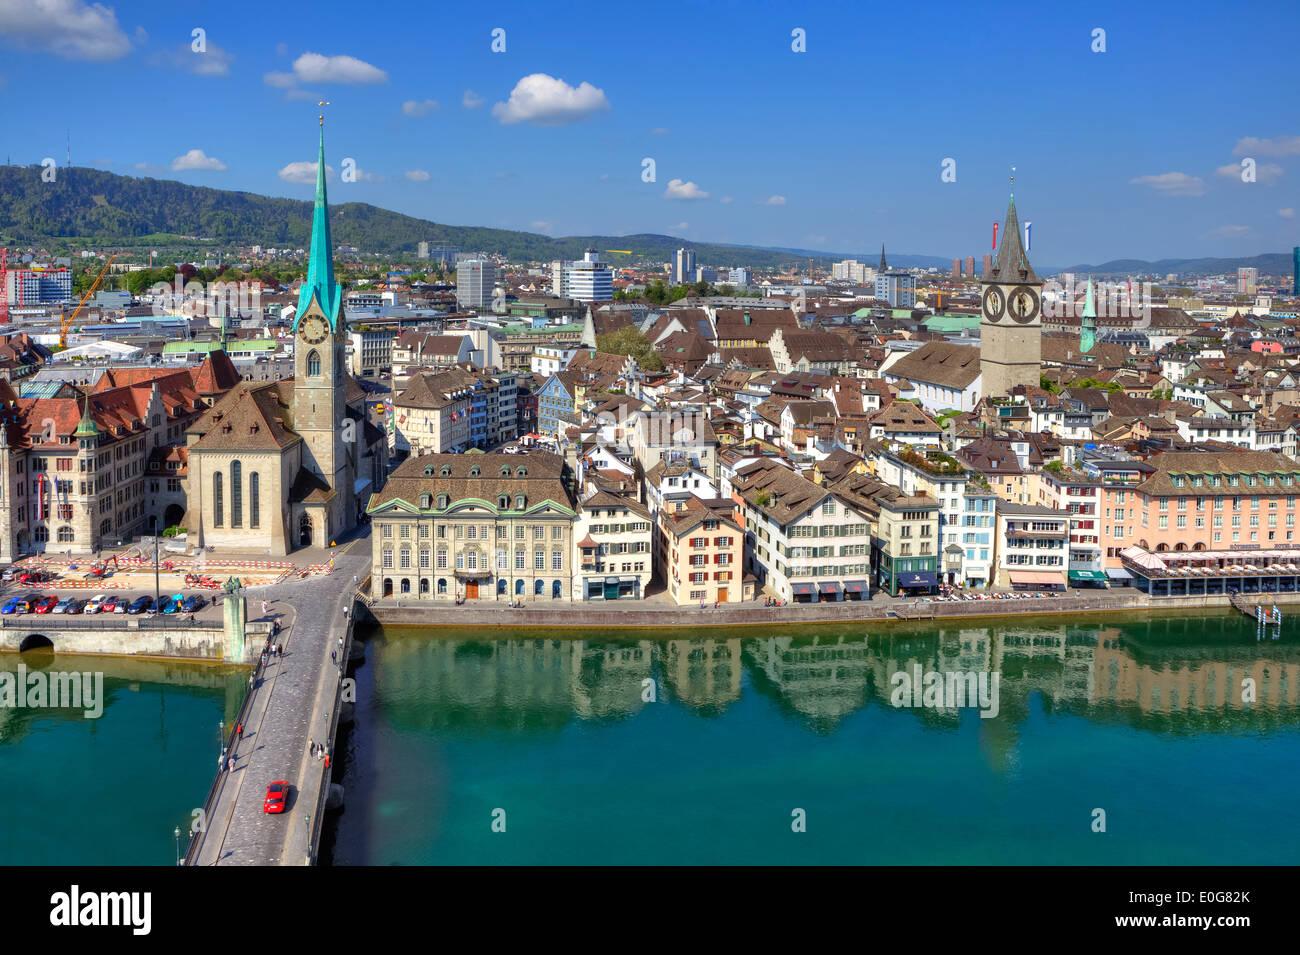 Fraumuenster, St. Peter, church, Limmat, Zurich, Switzerland - Stock Image